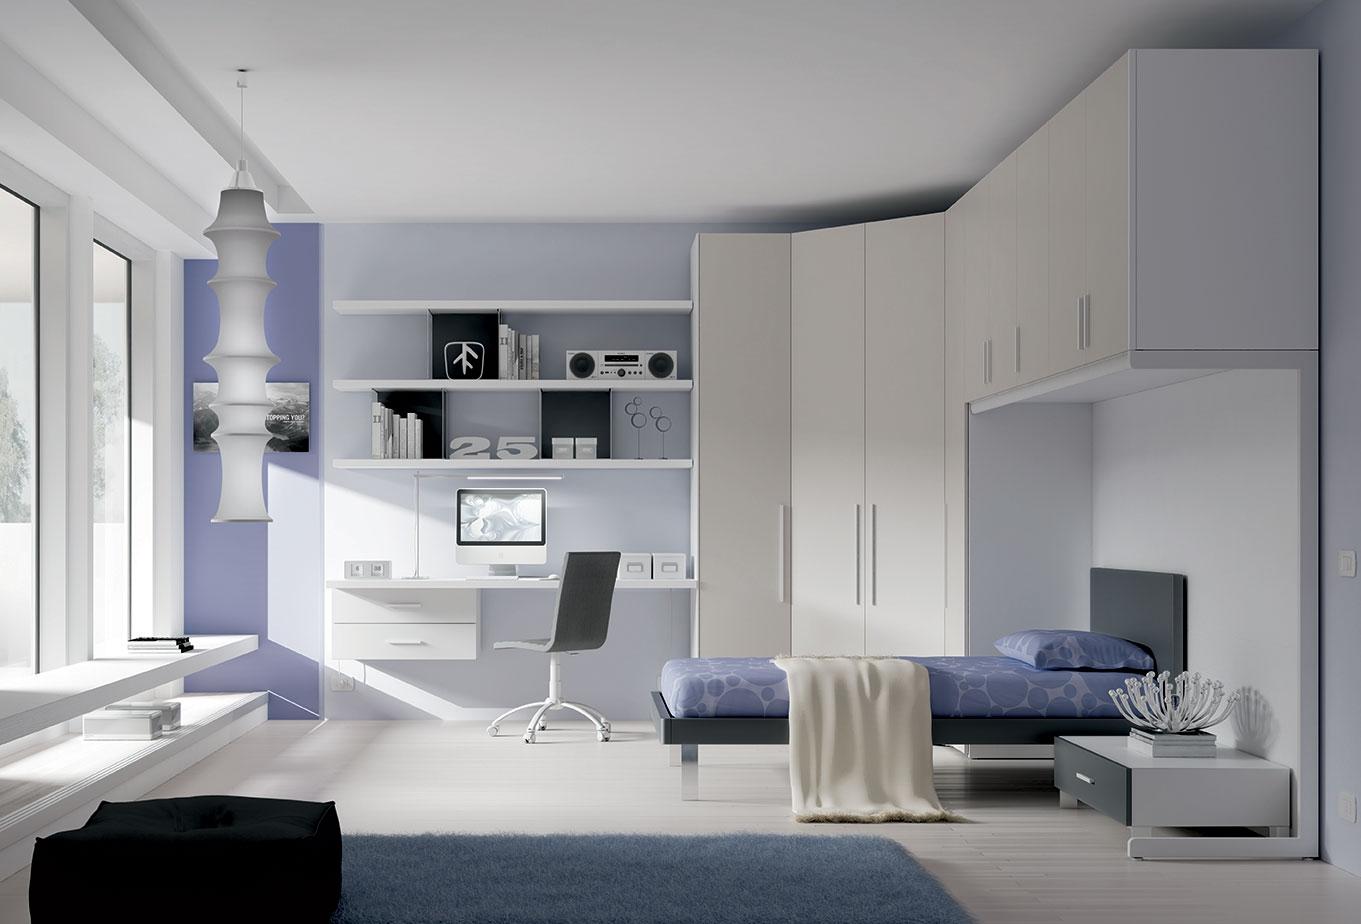 chambre ado zen avec un lit 1 personne moretti compact so nuit. Black Bedroom Furniture Sets. Home Design Ideas